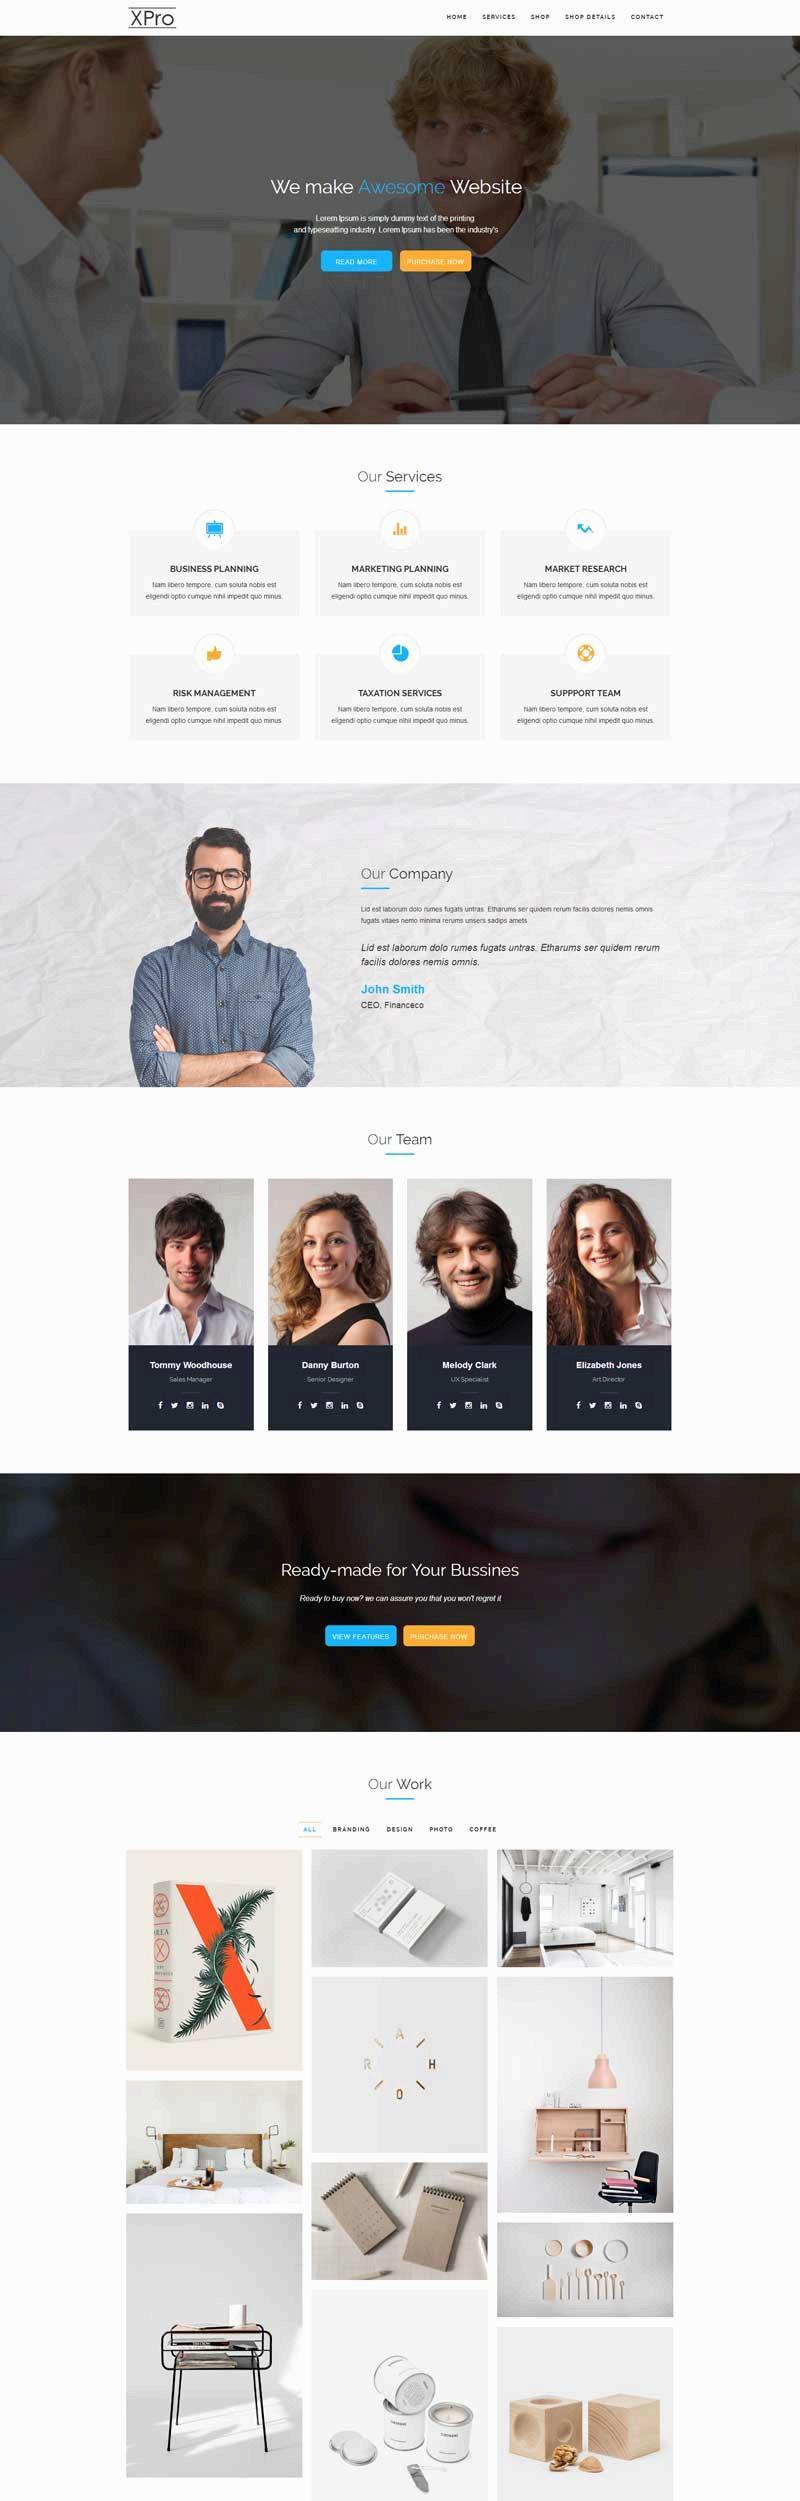 白色简洁的产品创意设计公司网站html模板